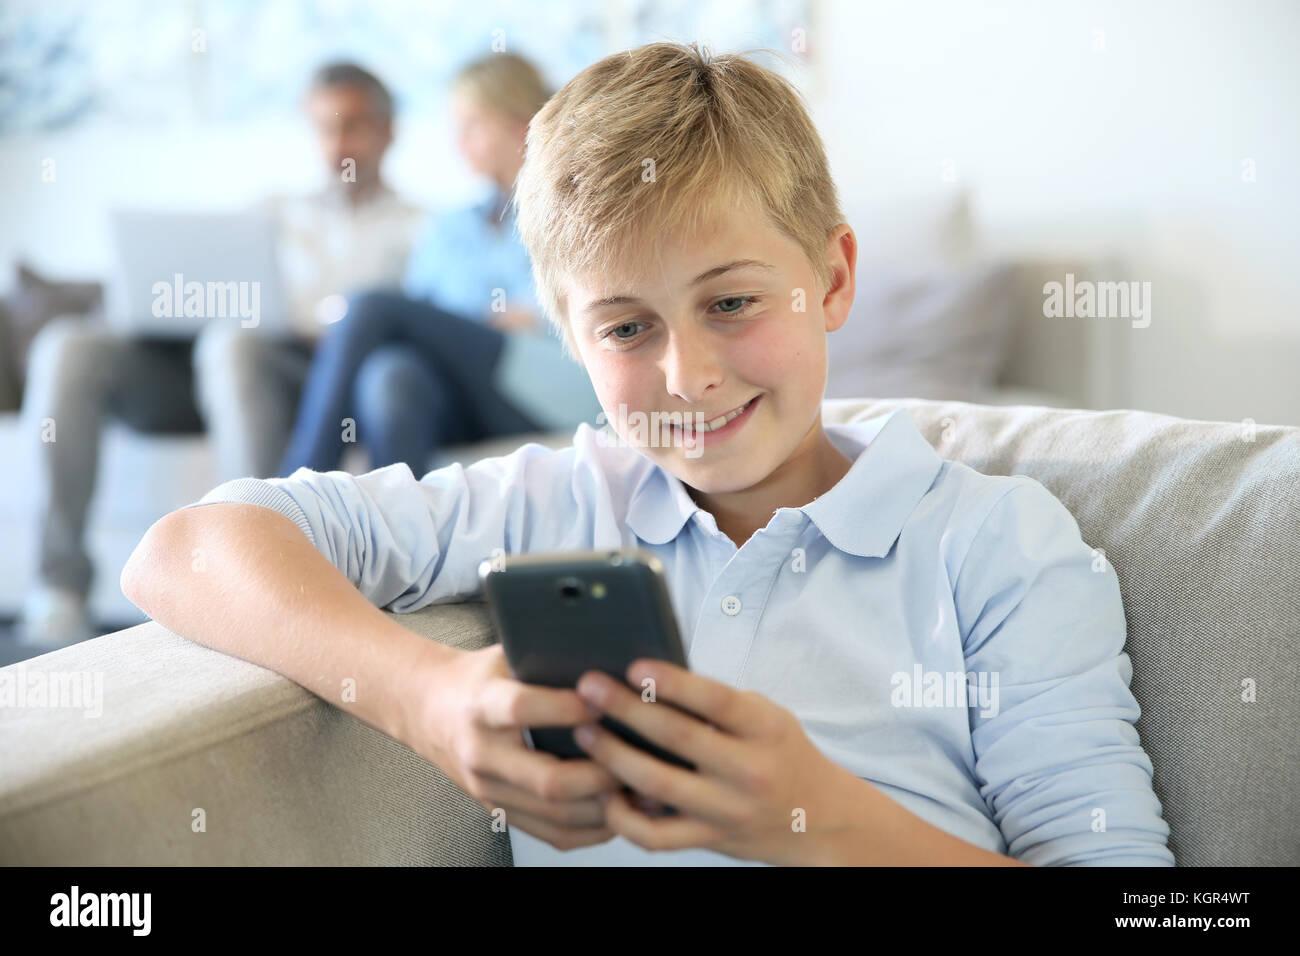 Jouant avec des pré-adolescents, parents smartphone en arrière-plan Photo Stock